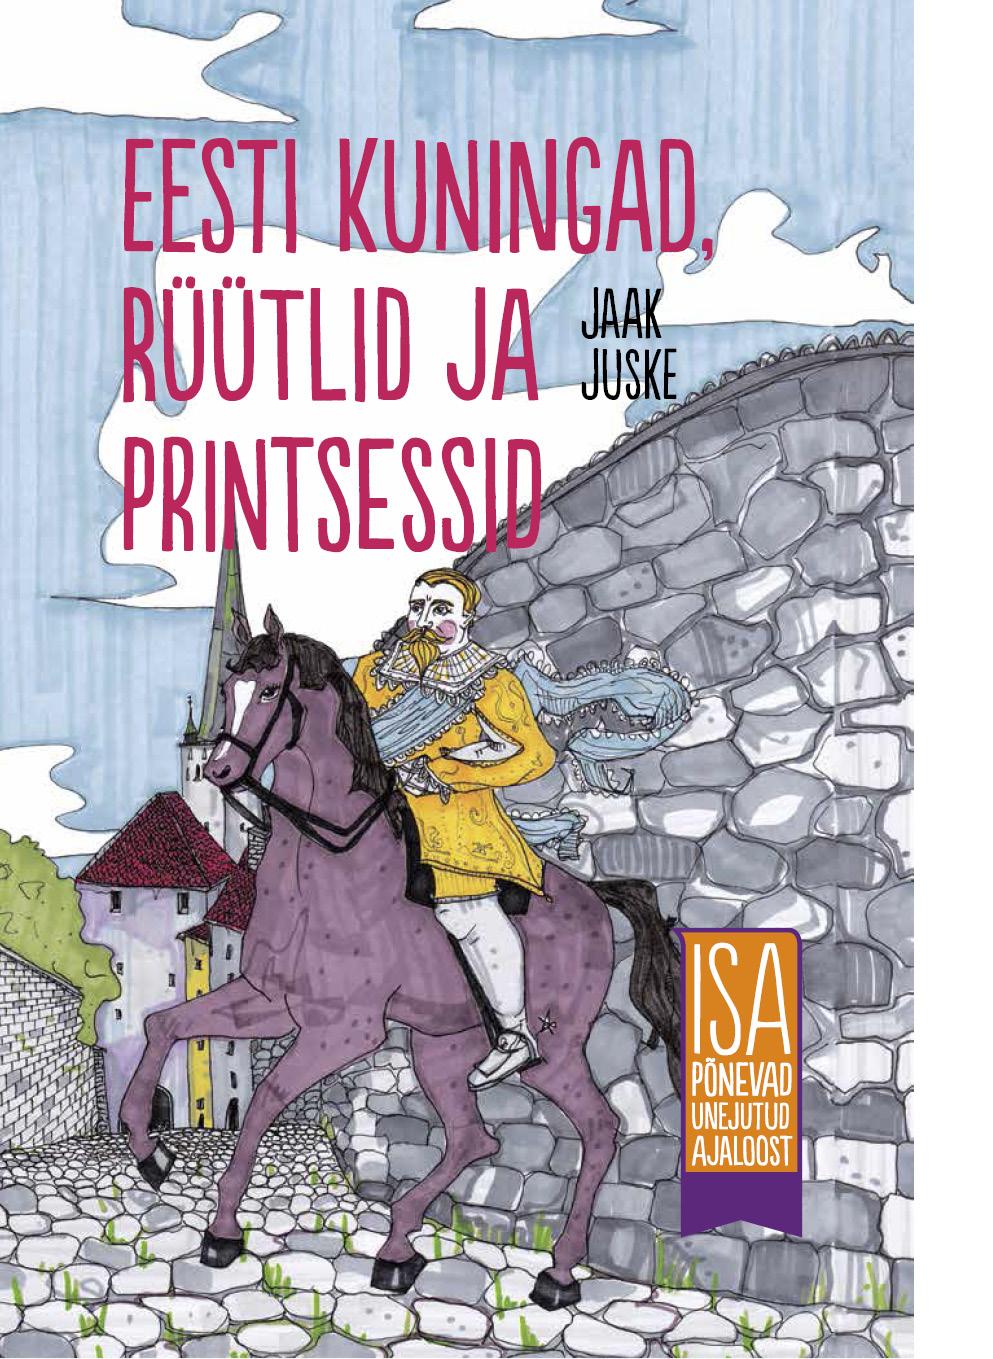 цены на Jaak Juske Eesti kuningad, rüütlid ja printsessid. Isa põnevad unejutud ajaloost